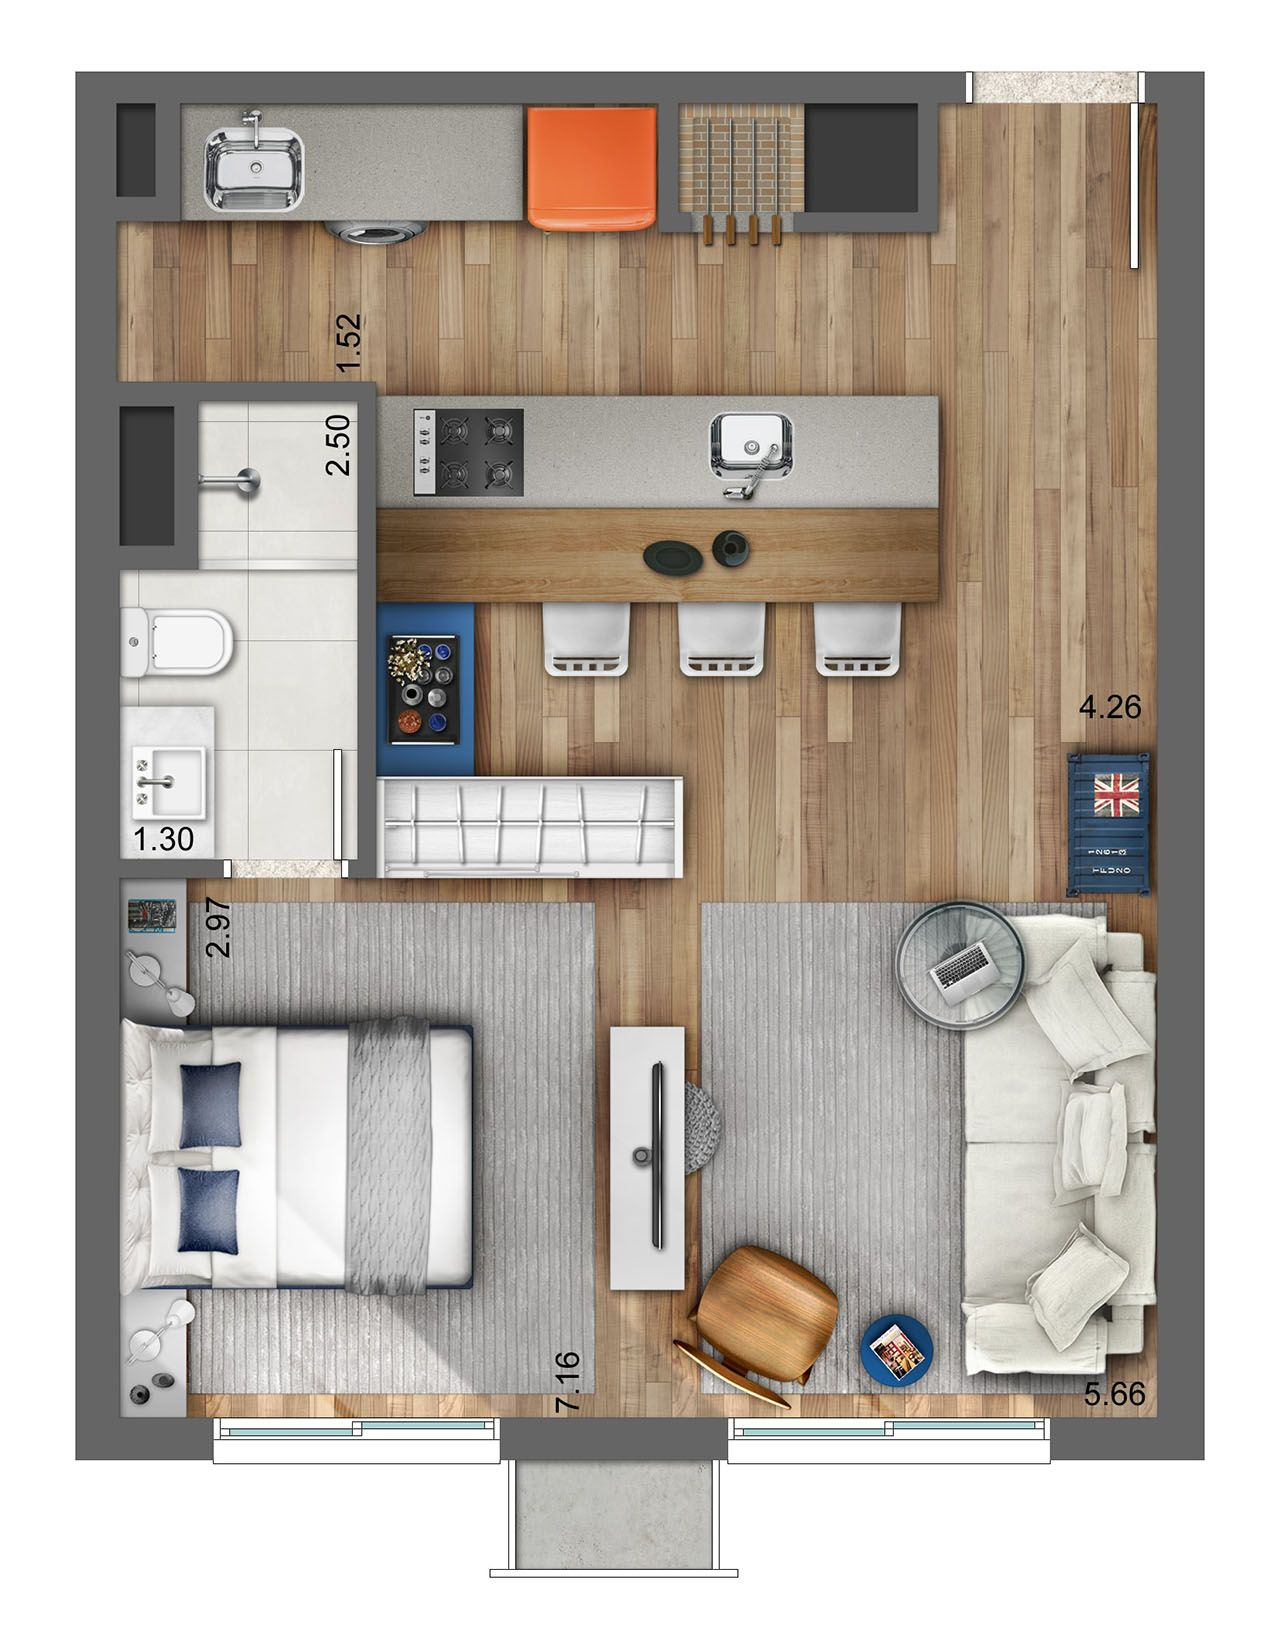 Innenarchitektur wohnzimmer grundrisse smart u artsy  modern architecture  pinterest  haus grundriss